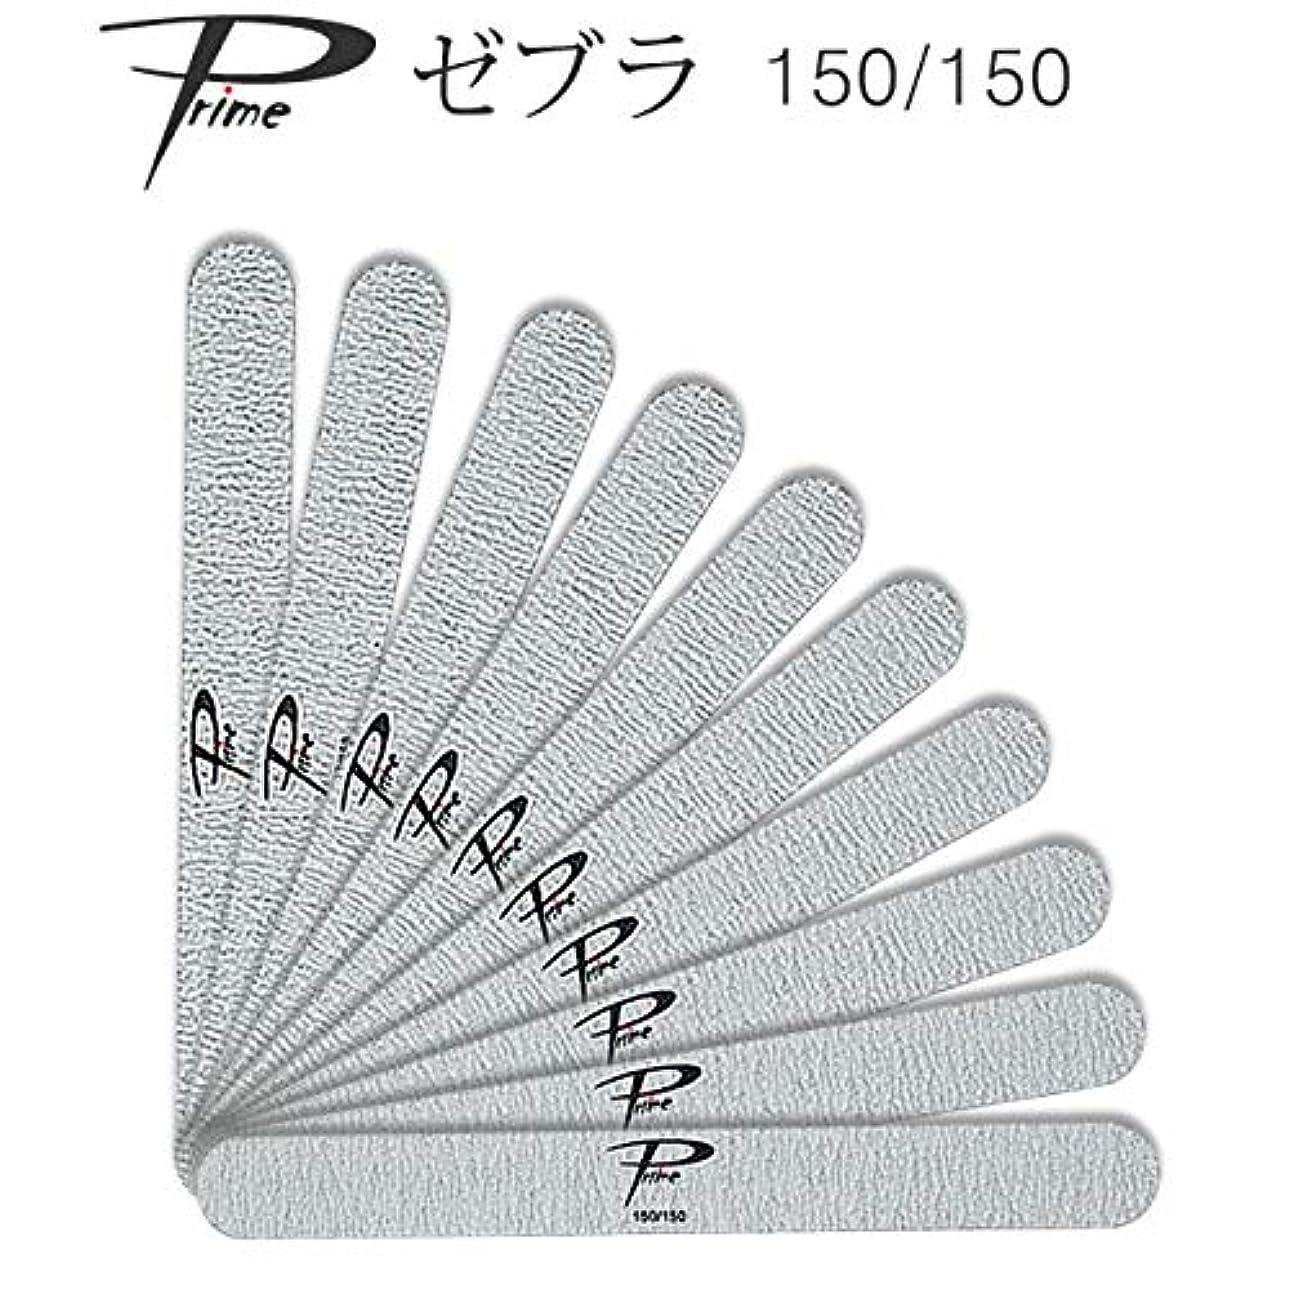 取り扱いエンドウ通信する10本セット Prime ゼブラファイル 150/150